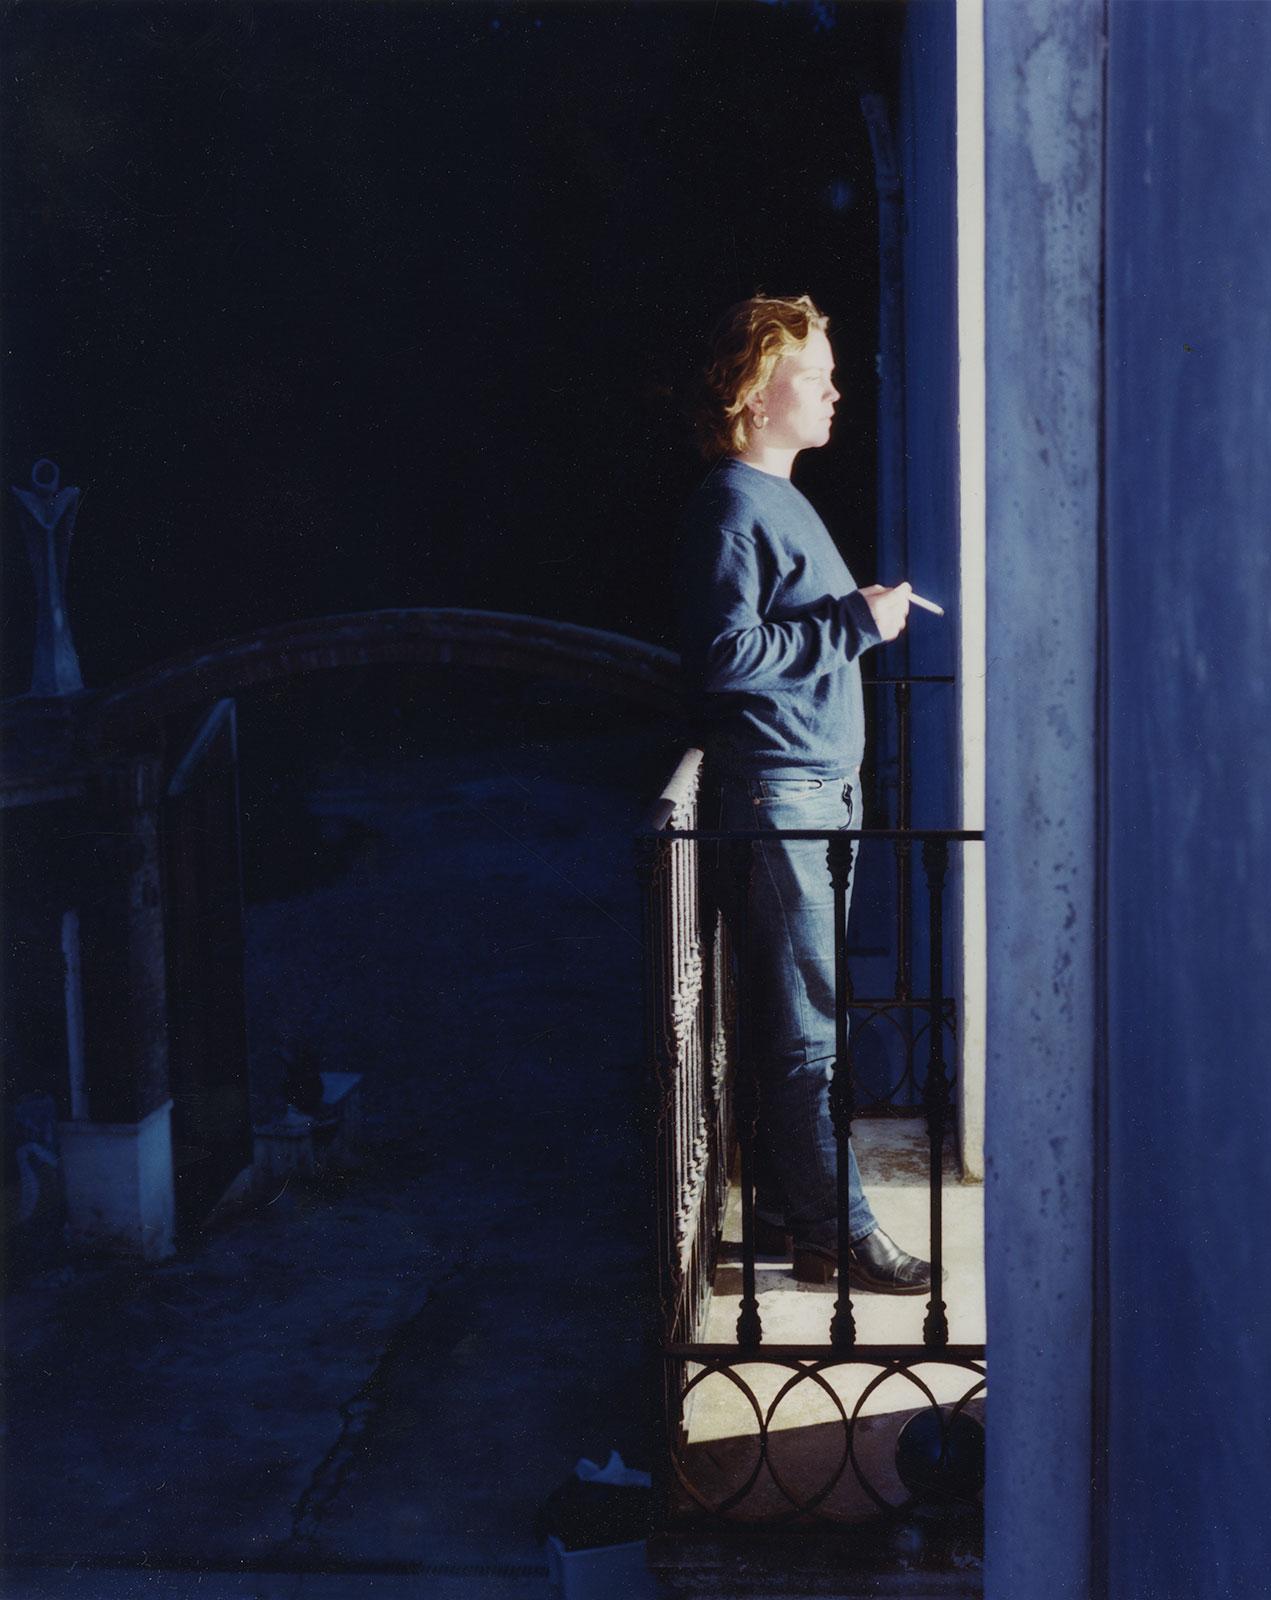 Balcony, 2003/2016, C-print, 124 x 100 cm, ed. 5